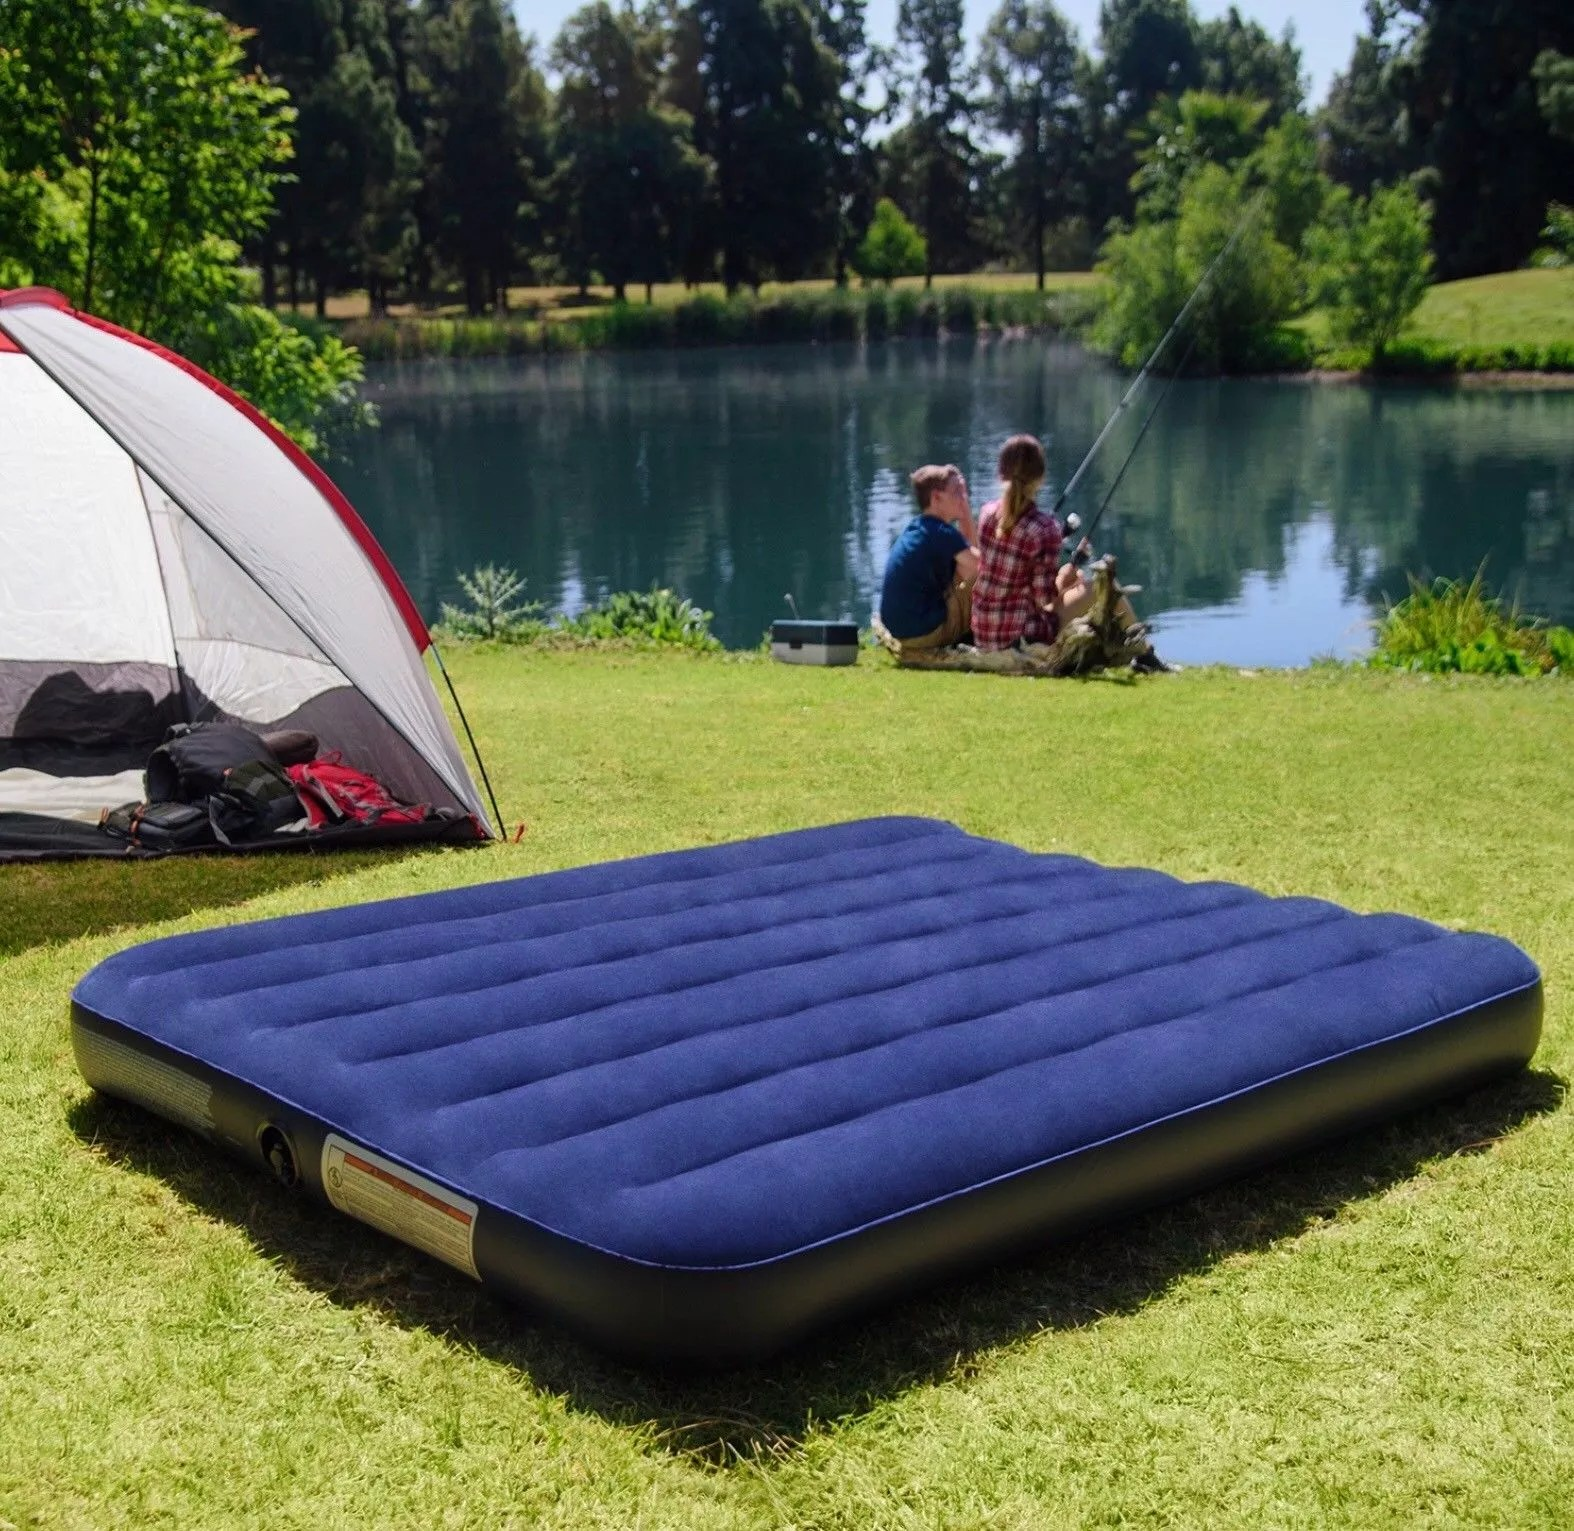 natureinox 64759 matelas gonflable de camping matelas a air pour voyage ou dormir la nuit buy lit gonflable de matelas d air de reine lit d air